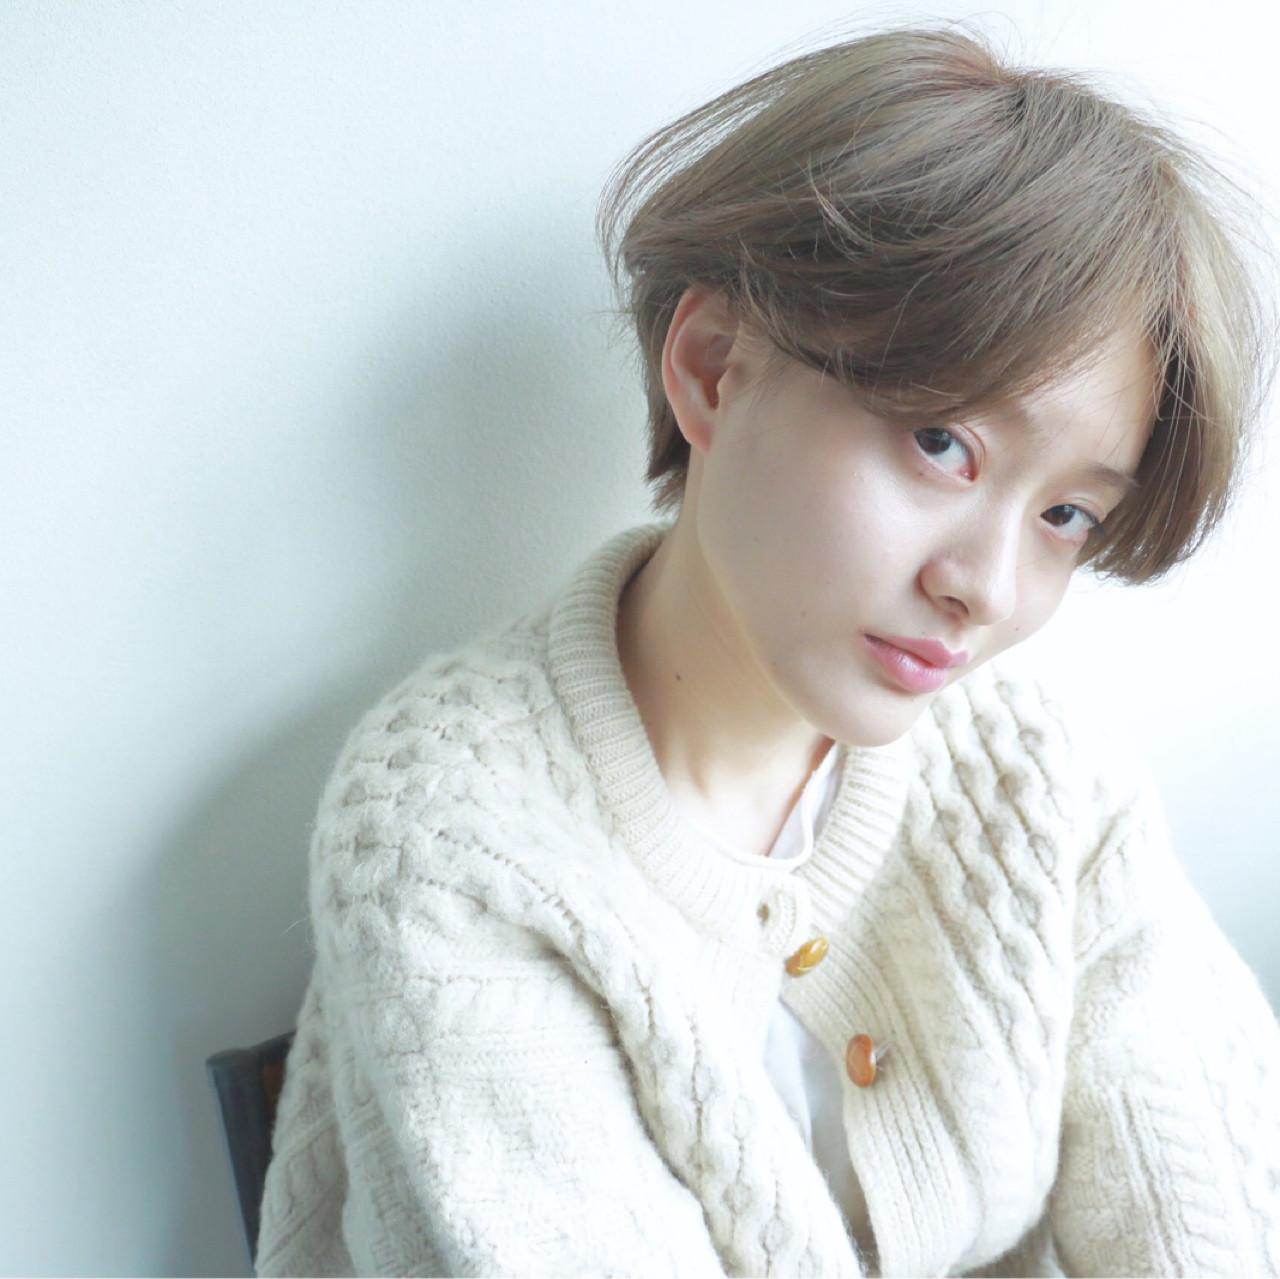 ダブルカラー ブリーチ ナチュラル 透明感 ヘアスタイルや髪型の写真・画像 | 高橋 忍 / nanuk渋谷店(ナヌーク)